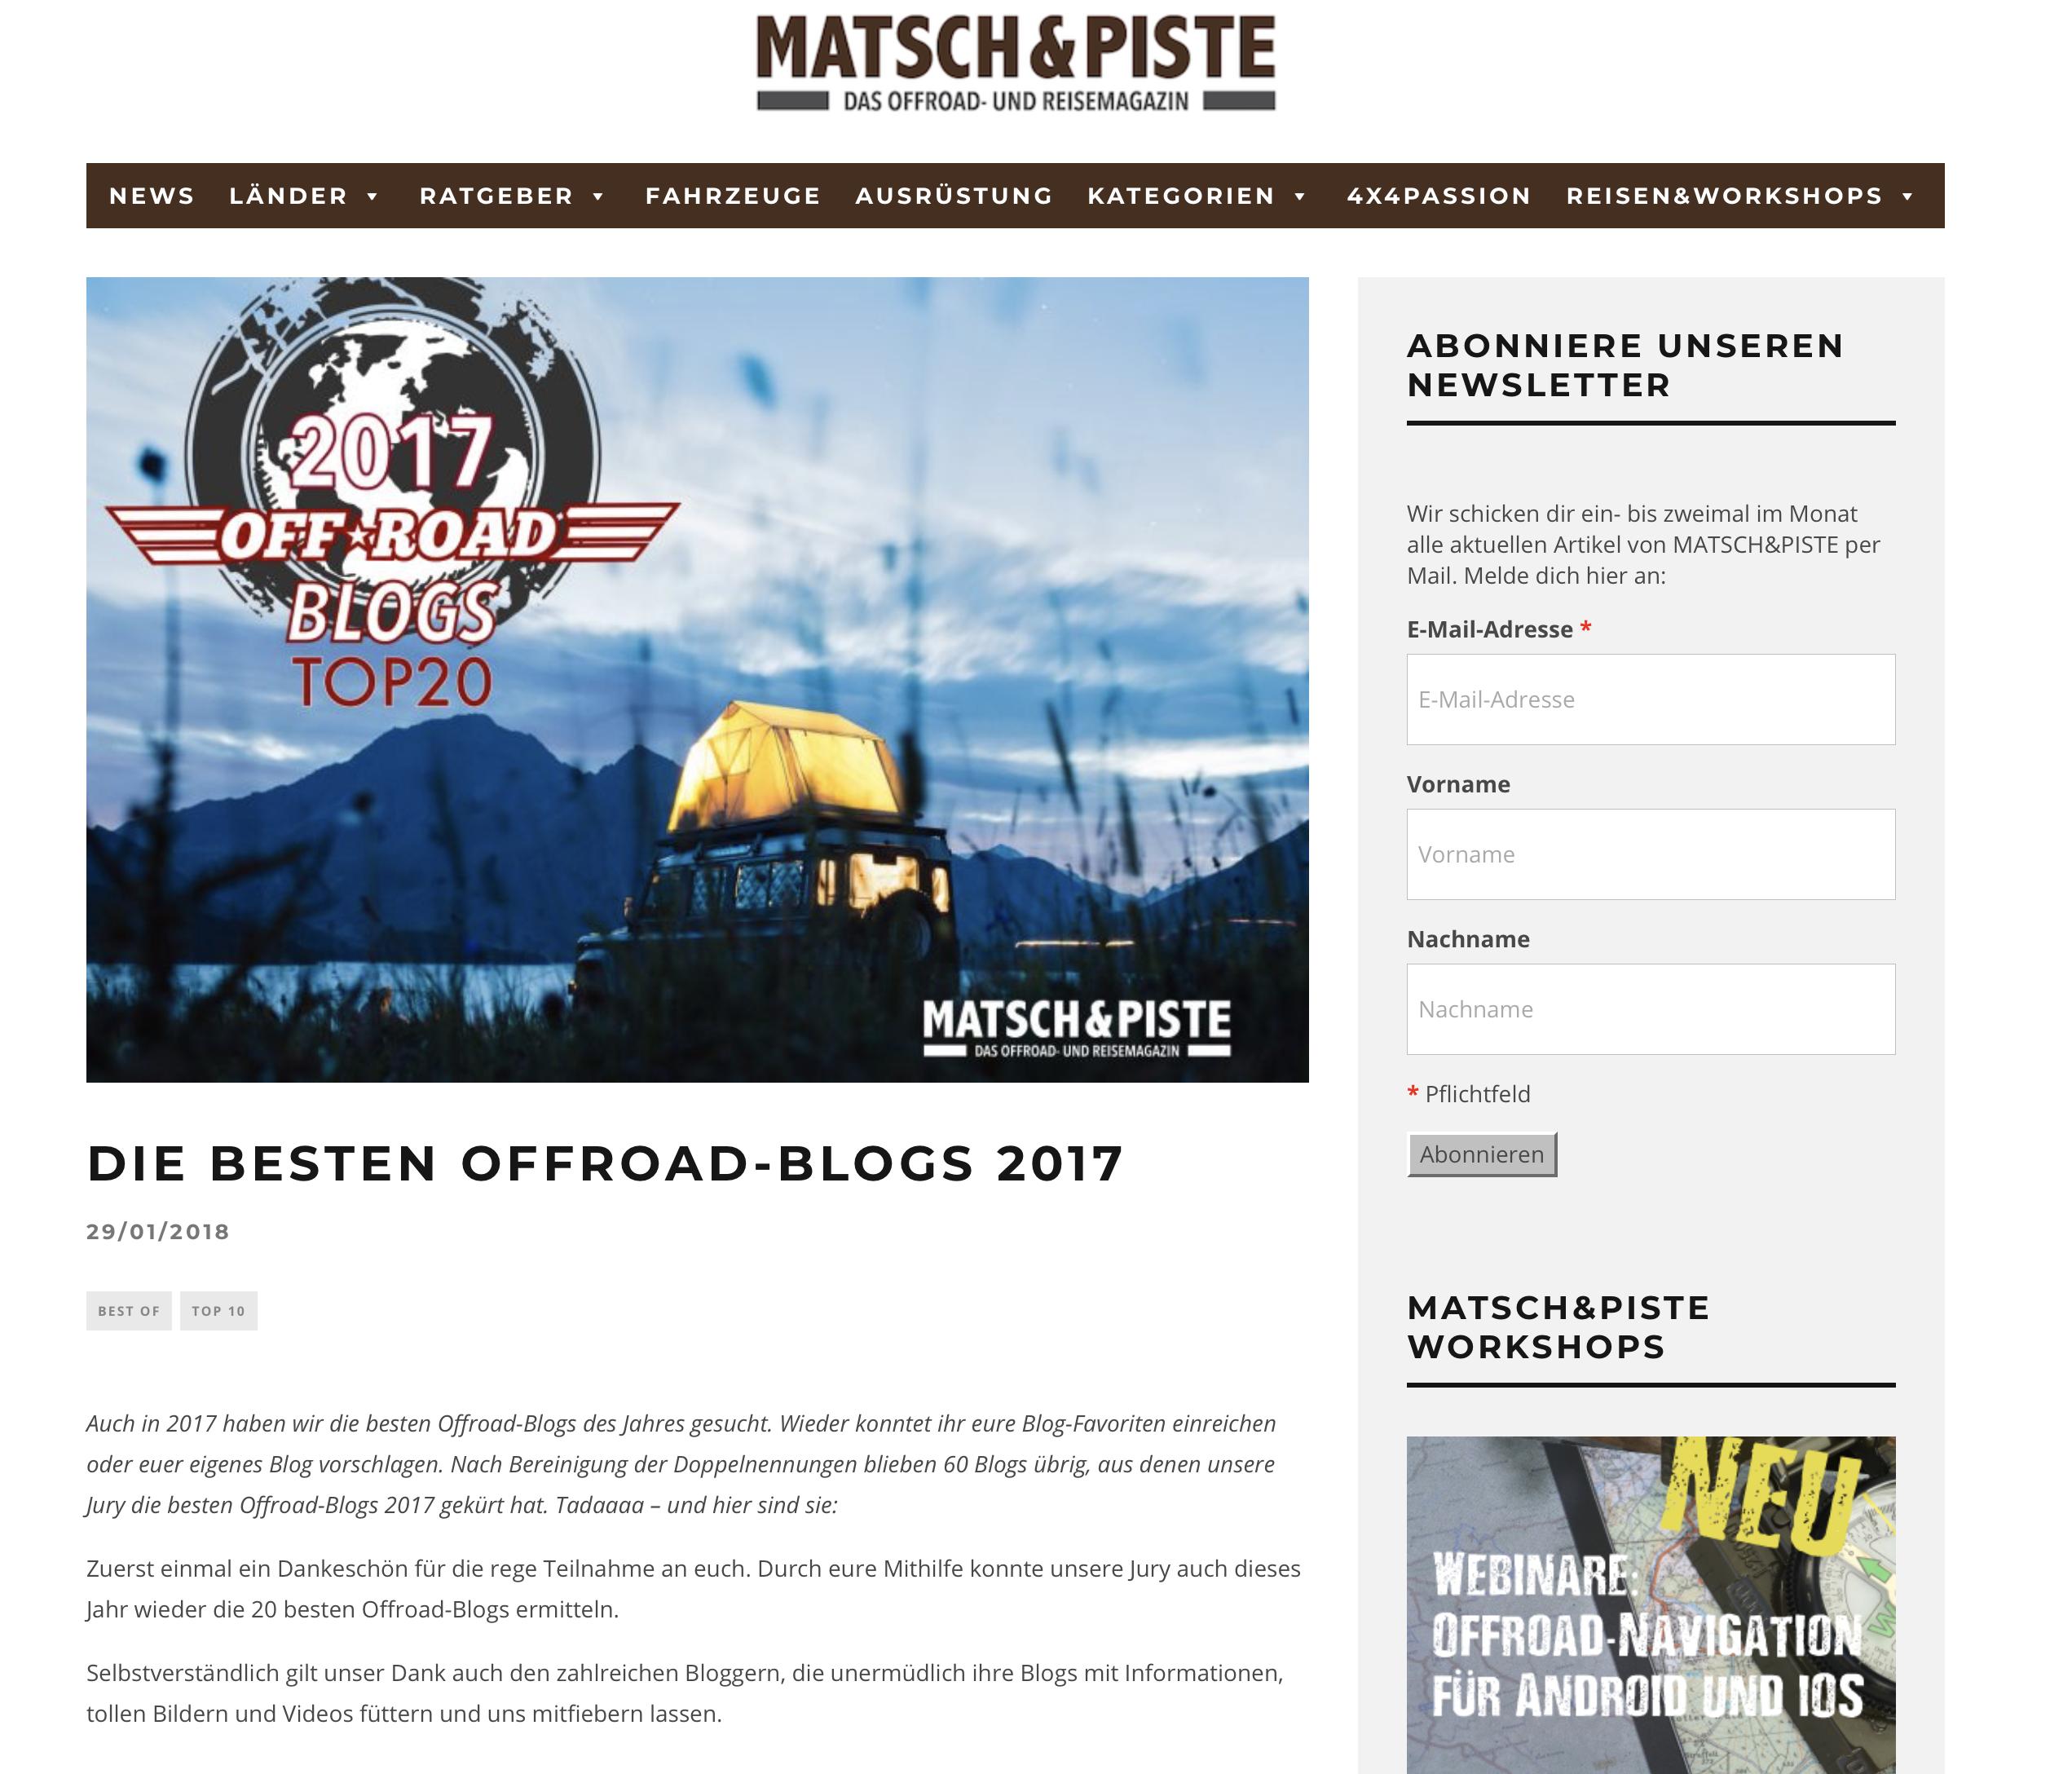 https://matsch-und-piste.de/die-besten-offroad-blogs-2017/